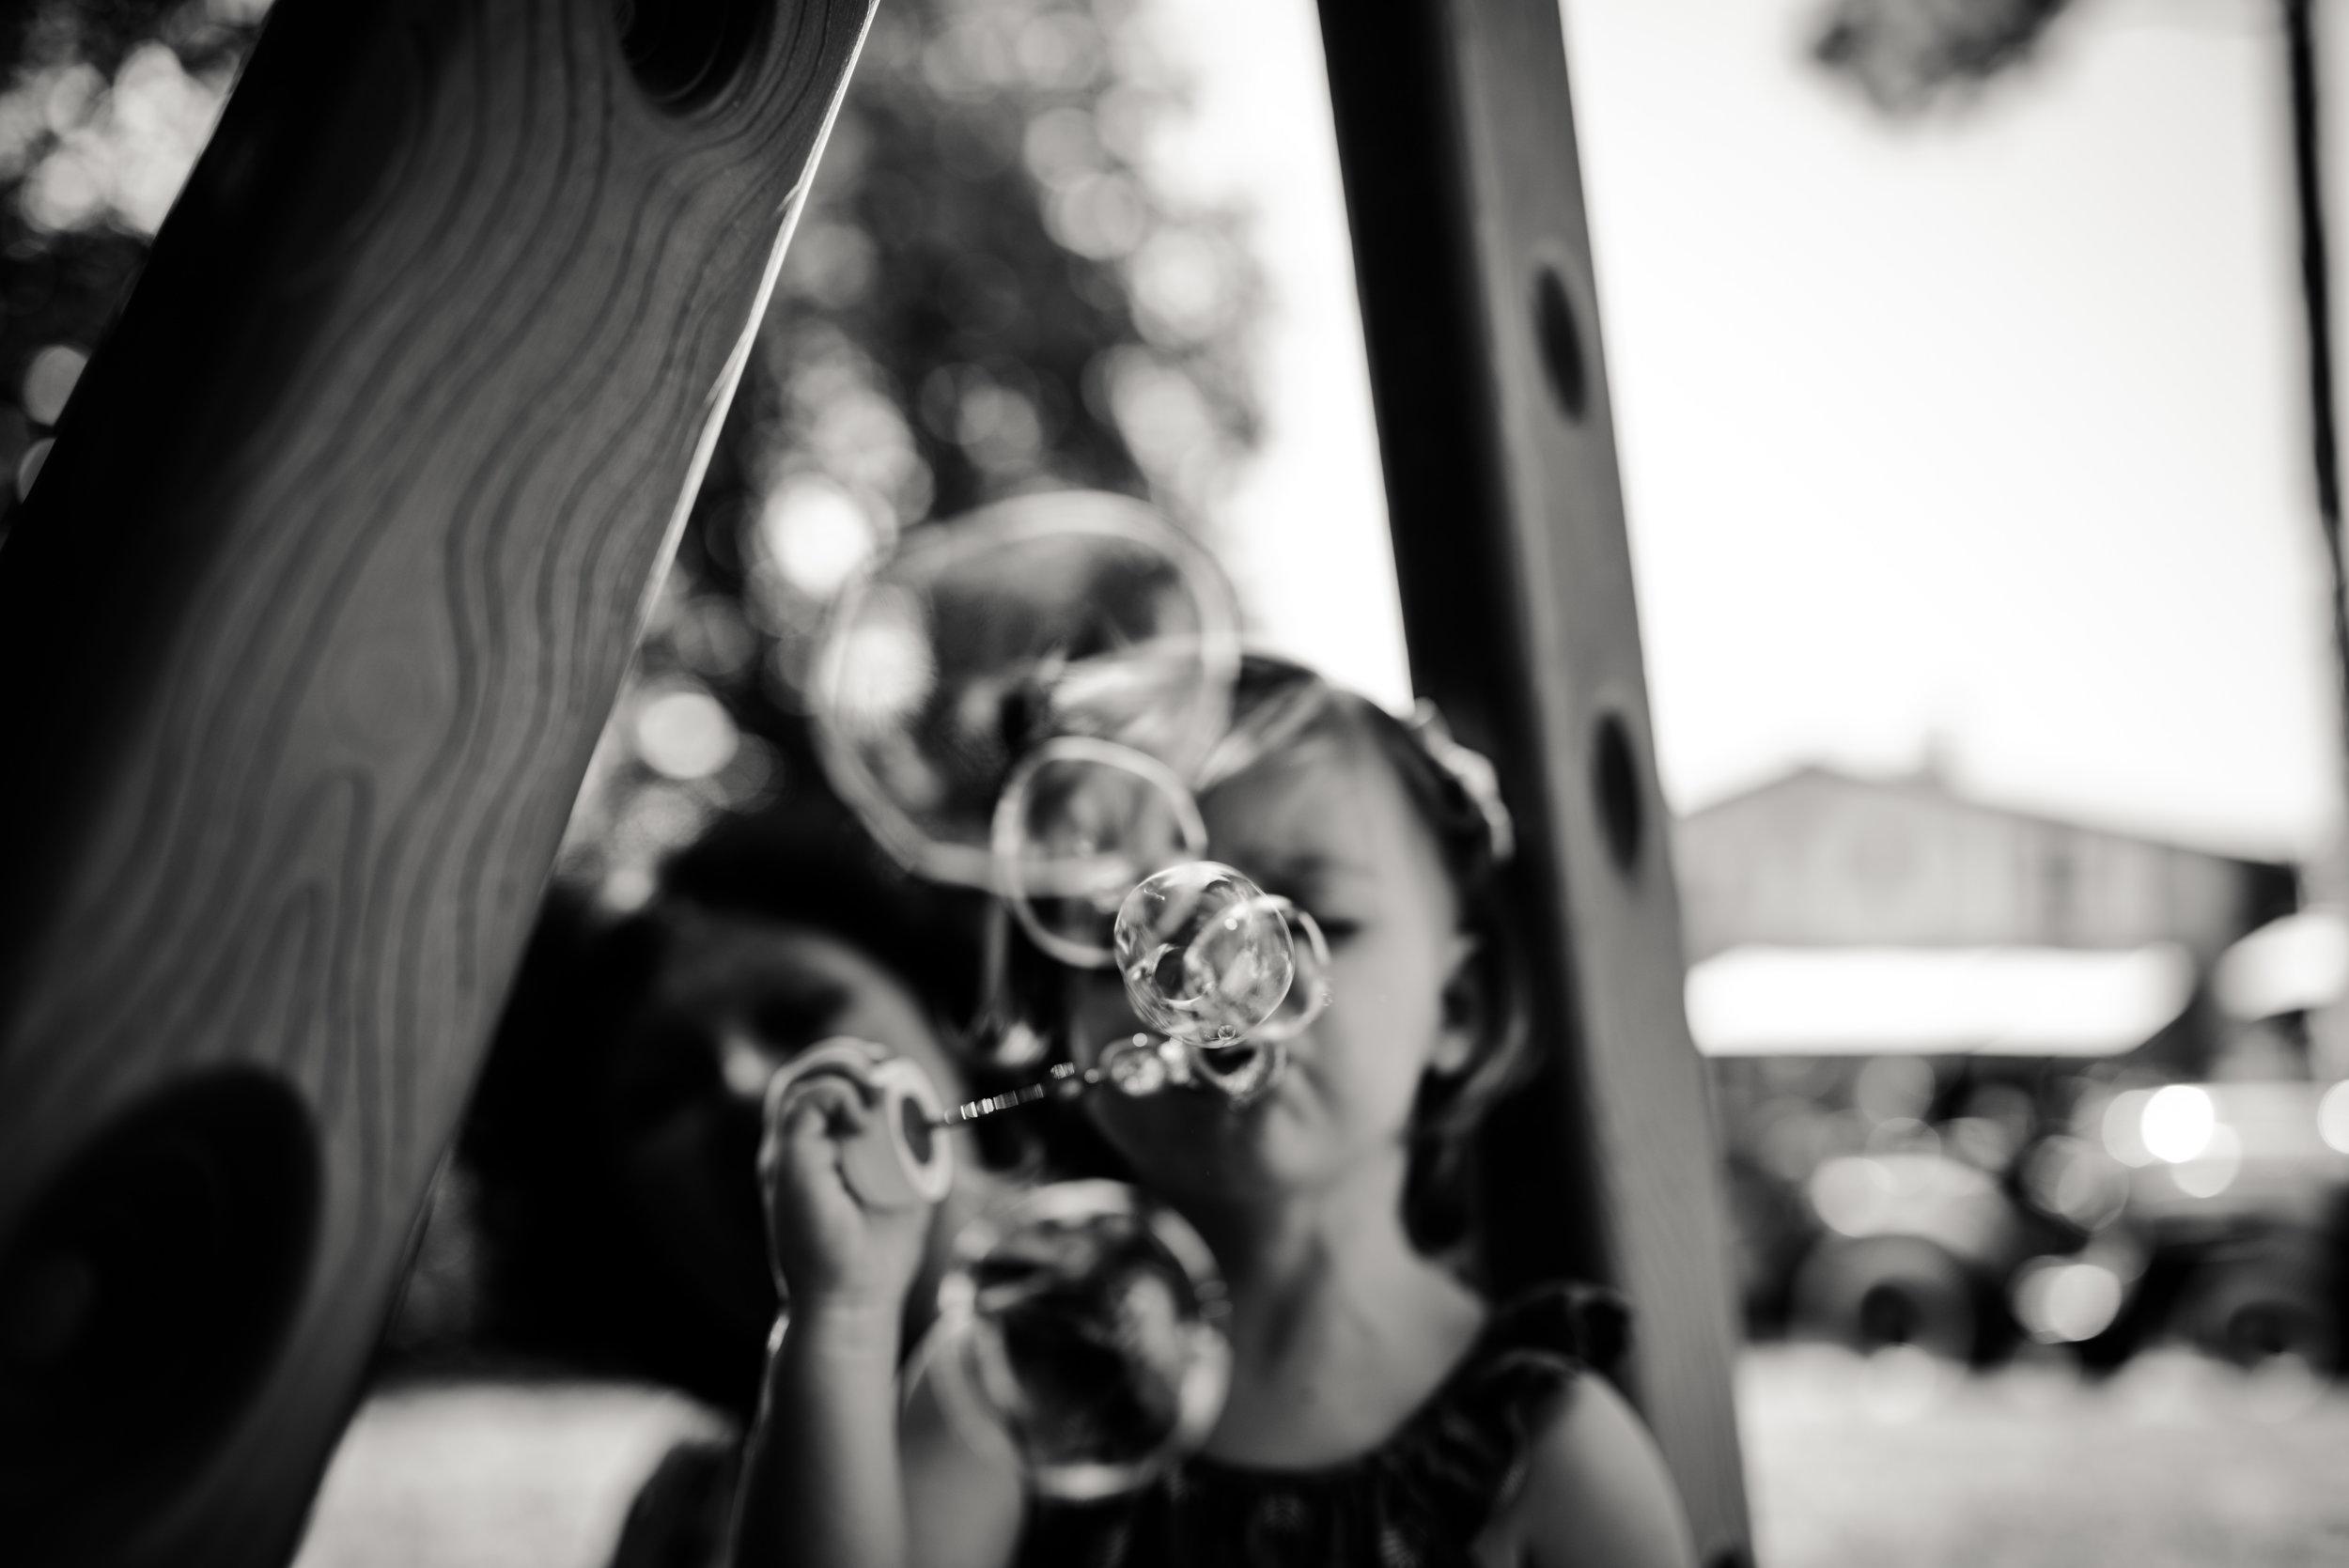 Léa-Fery-photographe-professionnel-lyon-rhone-alpes-portrait-creation-mariage-evenement-evenementiel-famille-5119.jpg